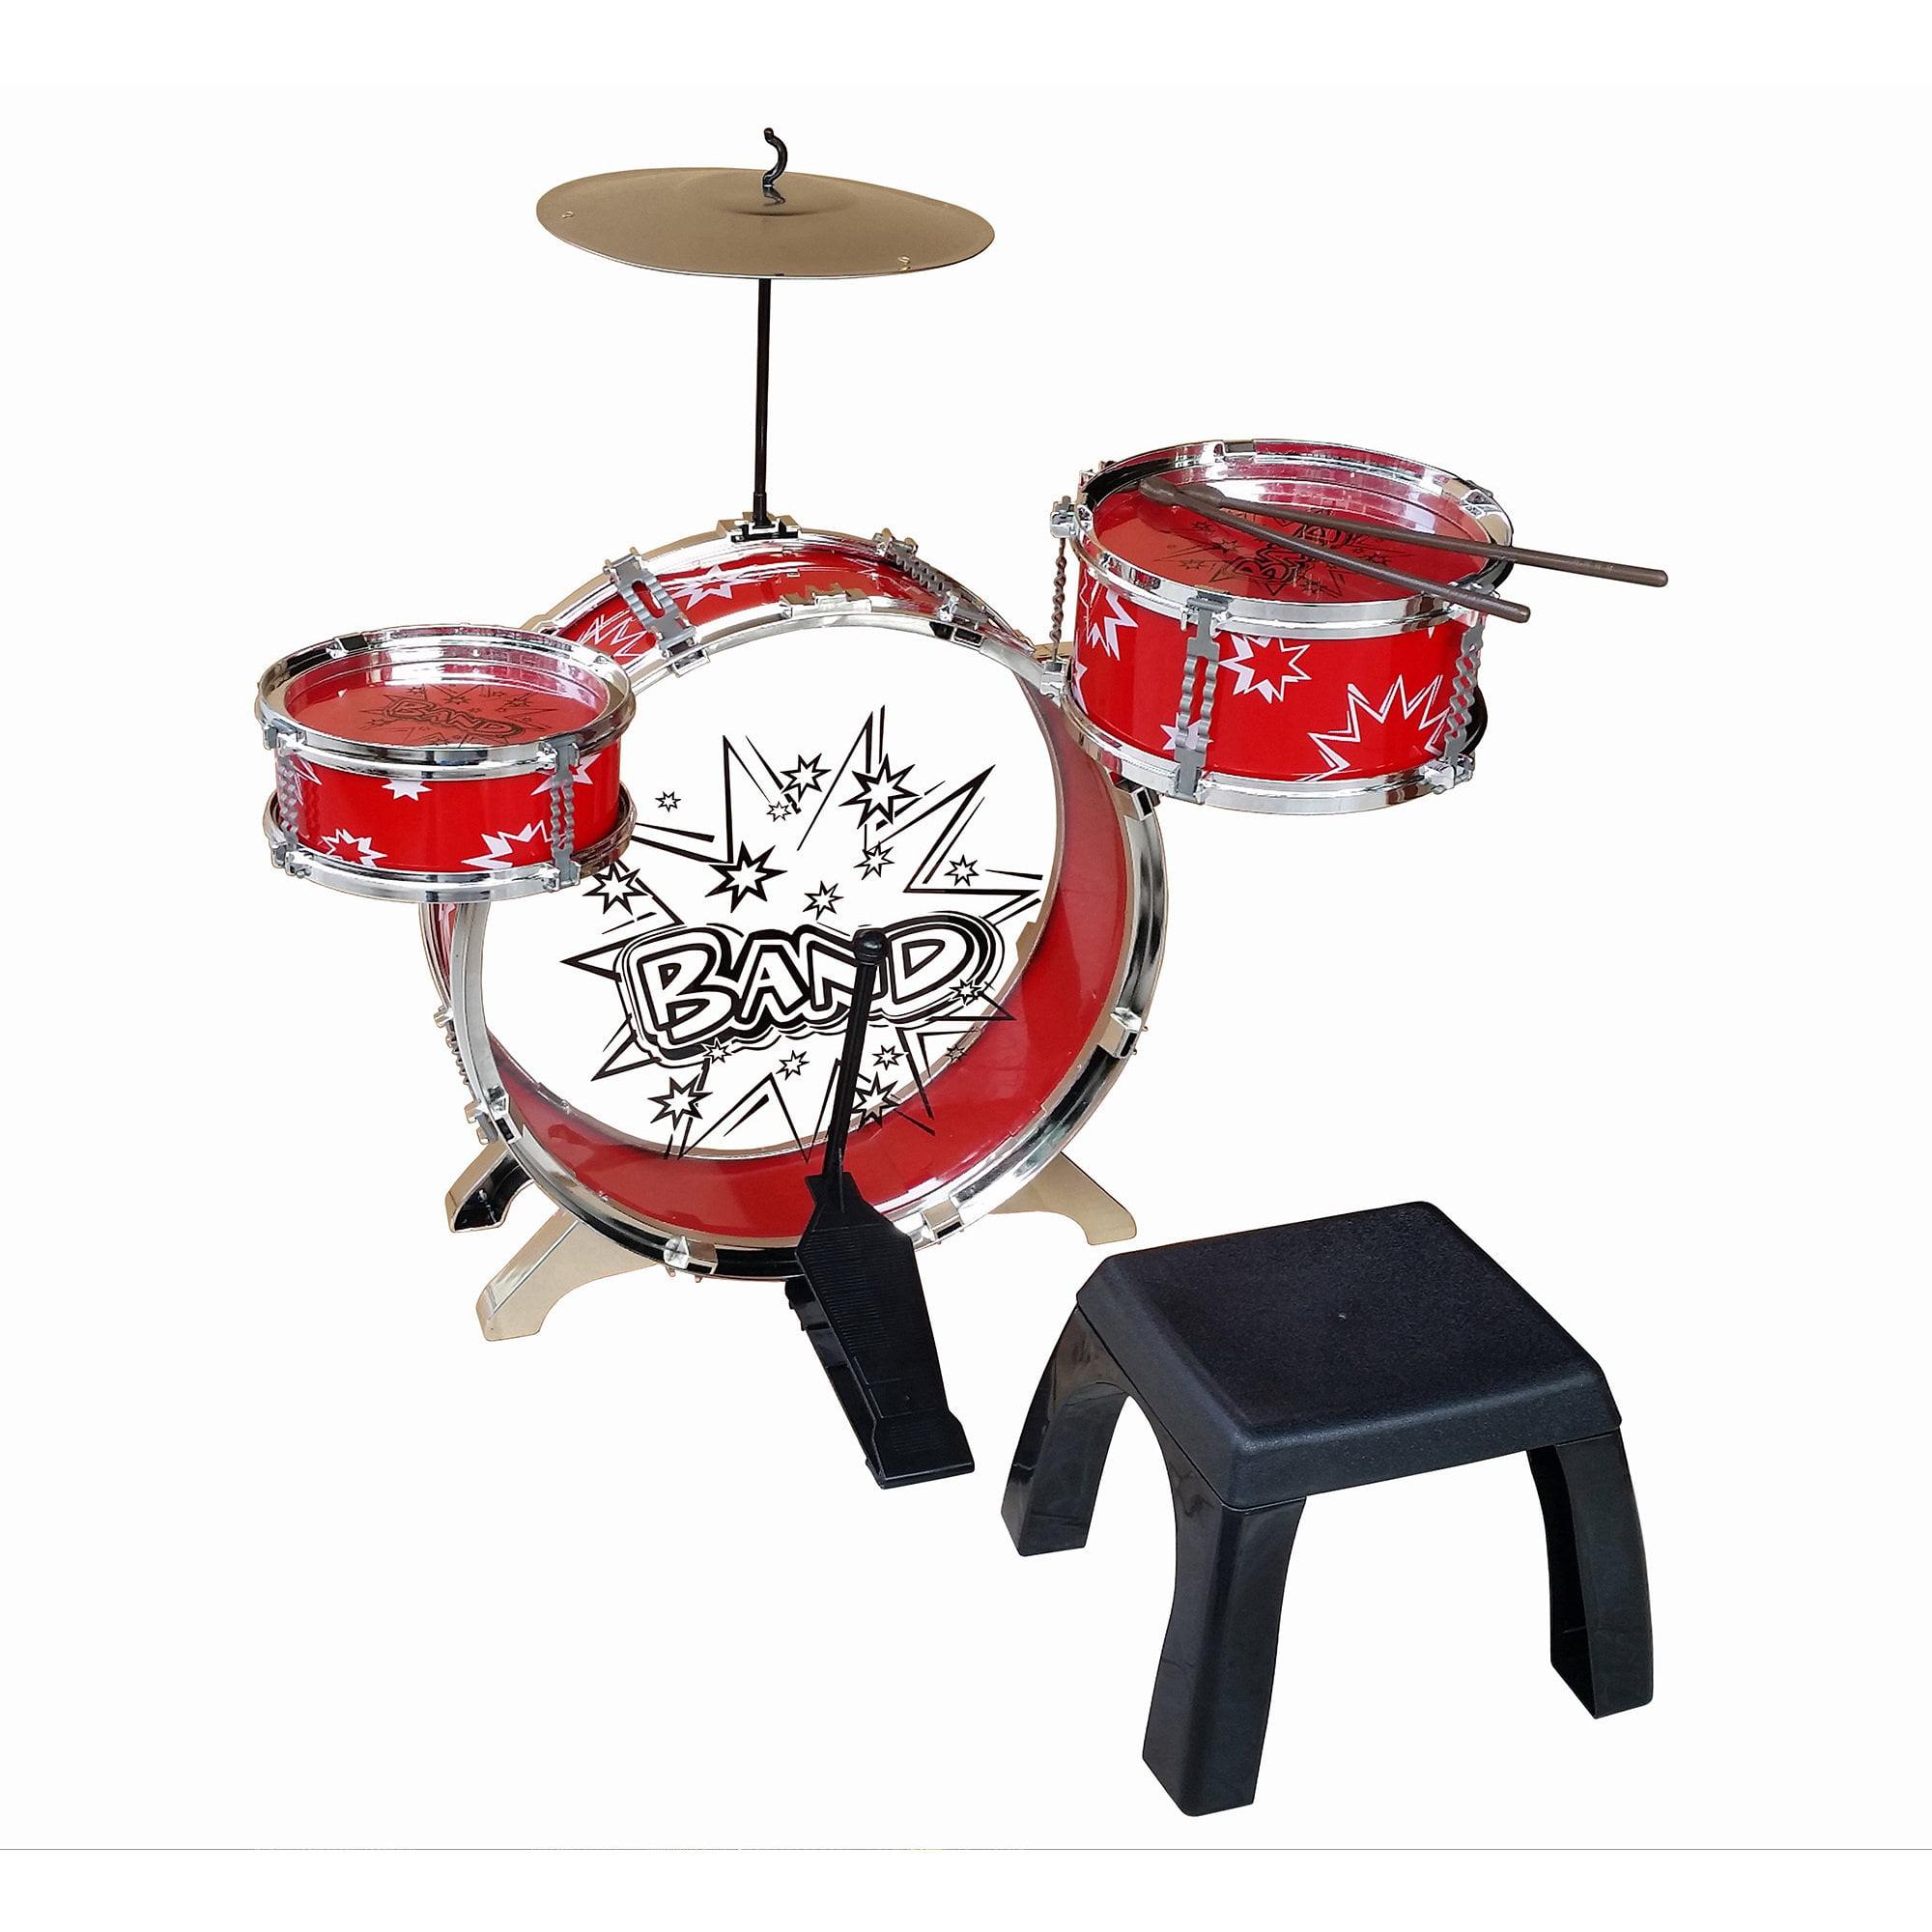 sc 1 st  Walmart & Kiddy Jazz Drum Set with Stool - Walmart.com islam-shia.org